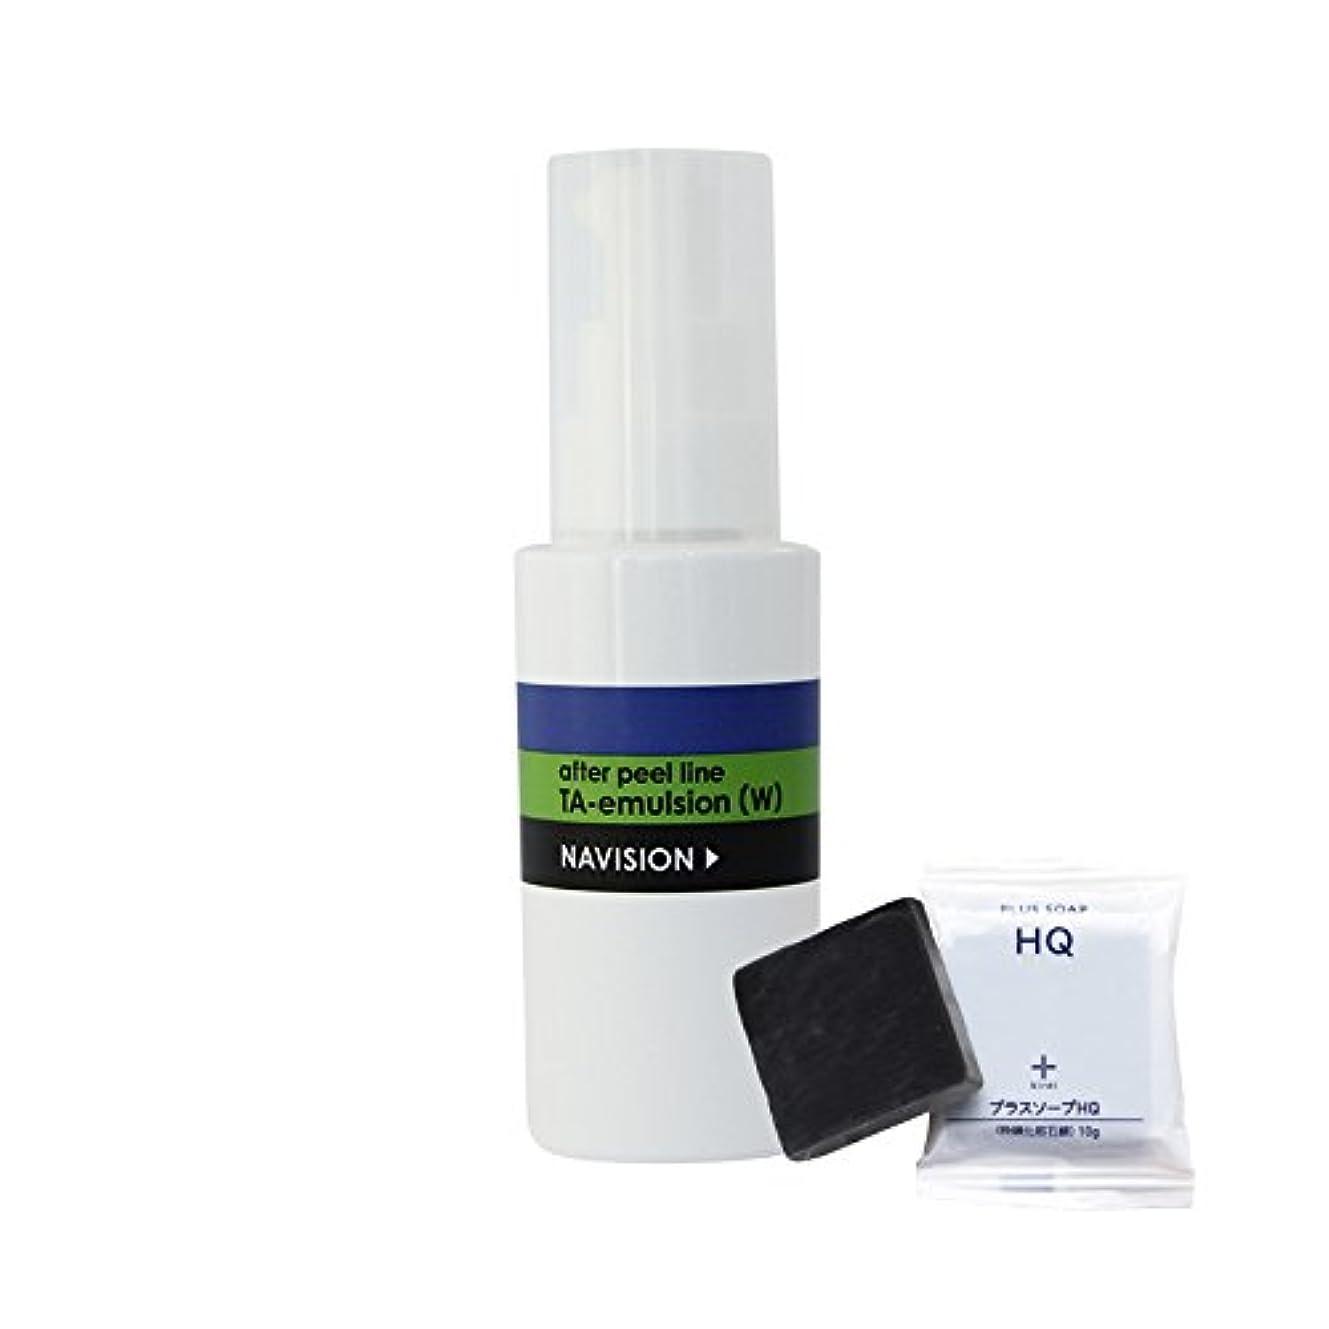 反射クラウドあごひげナビジョン NAVISION TAエマルジョン(W) (医薬部外品) + プラスキレイ プラスソープHQミニ